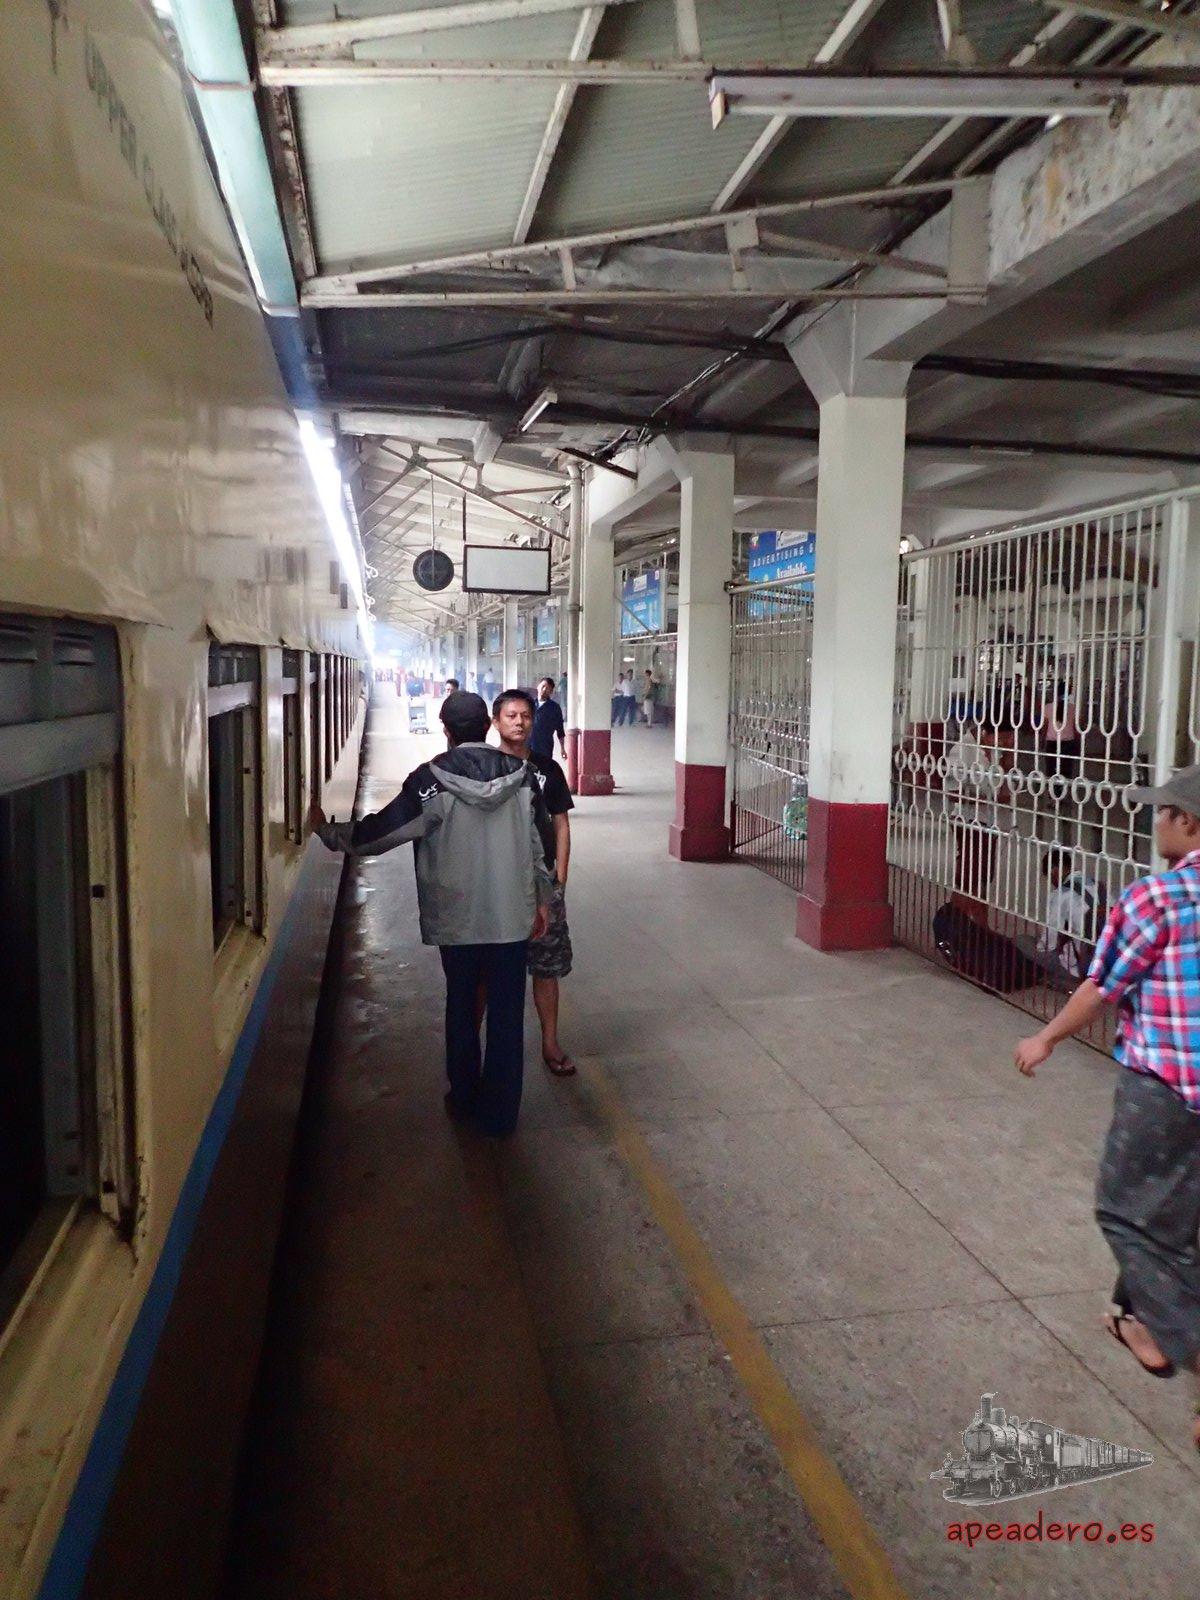 Anden del tren para llegar del aeropuerto de yangon al centro